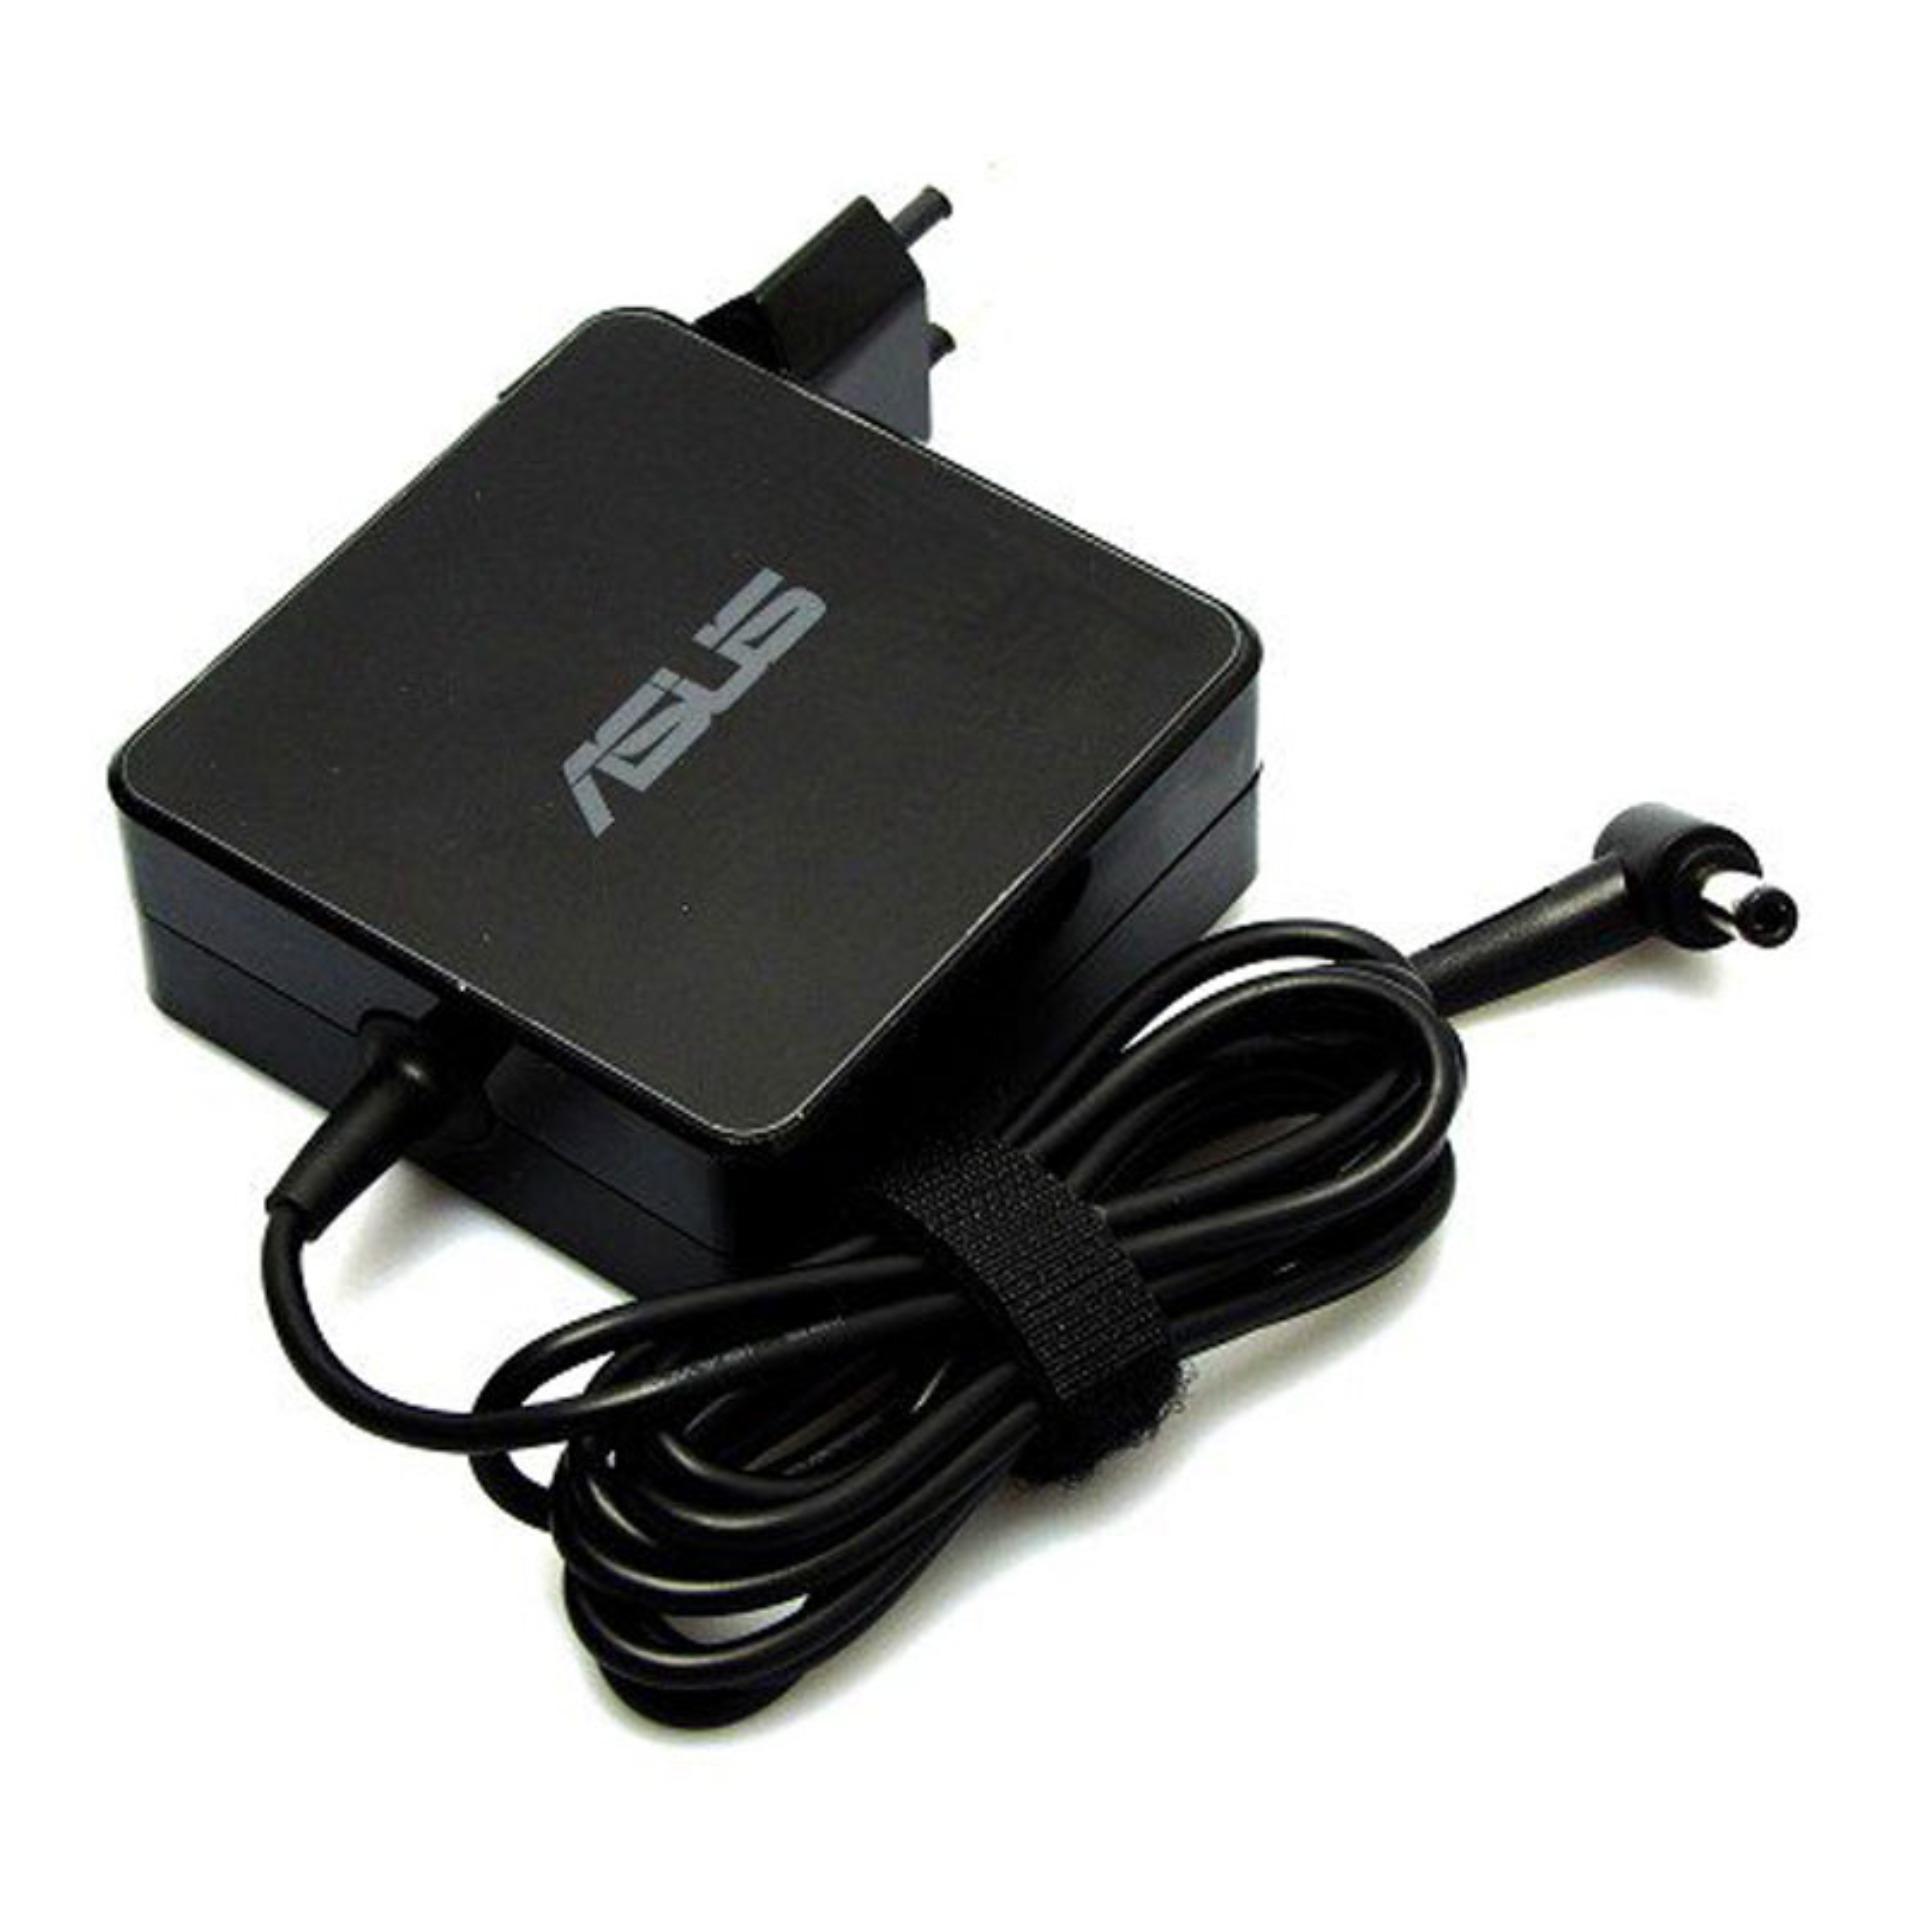 Kehebatan Baterai Battery Batre Laptop Asus A43s A44h X44h X43u K43u Keyboard A44 X44 X44a Hitam Original Adaptor X455l K53 A43 A43e A43u